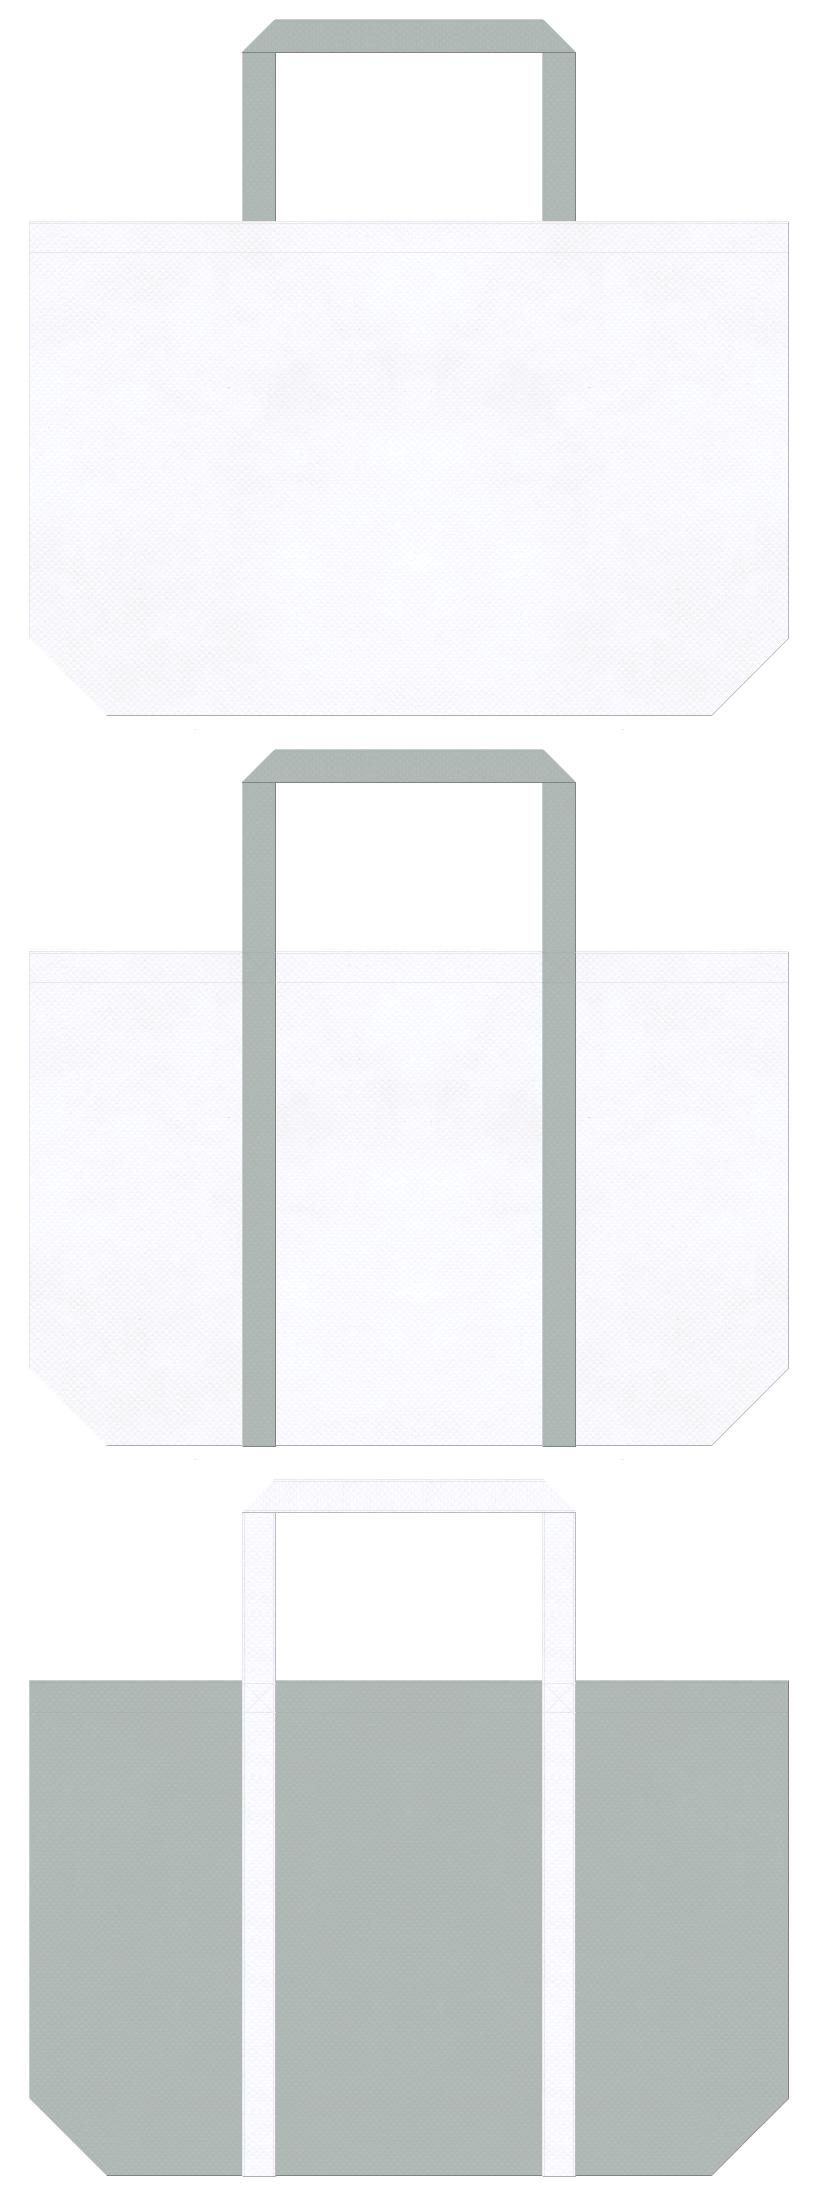 白色とグレー色の不織布バッグデザイン:冷蔵庫・クーラーのイメージにお奨めです。